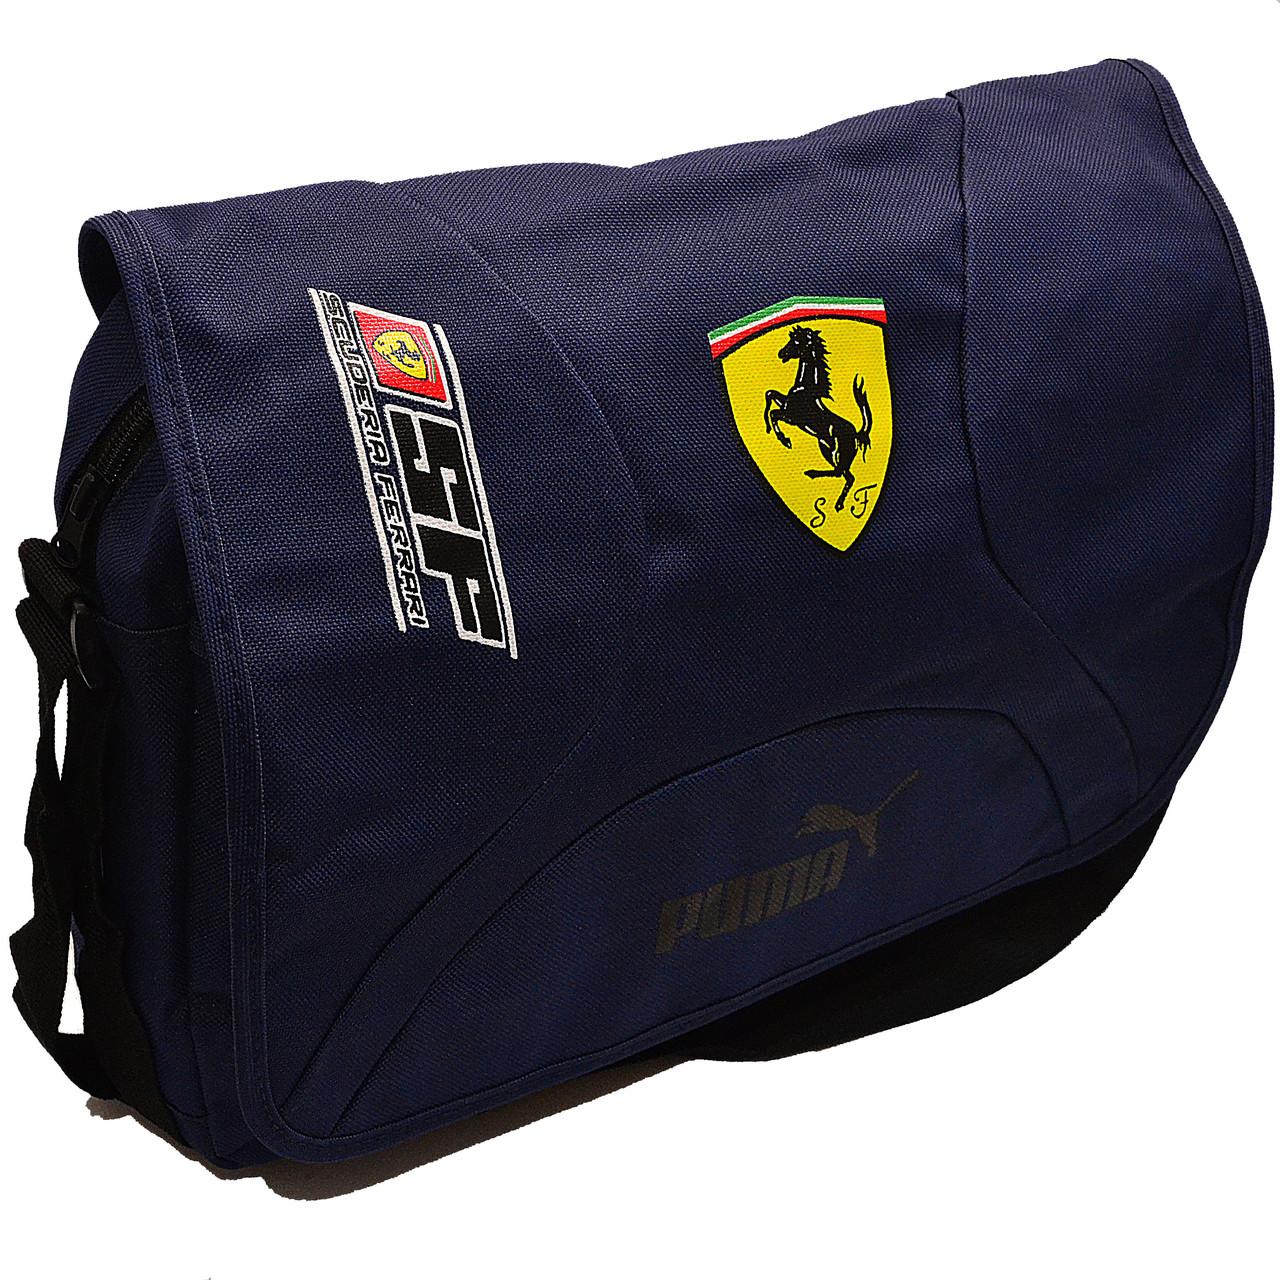 290d34ffe4d0 Сумка через плечо Puma Ferrari 0602 blue купить оптом в Одессе ...